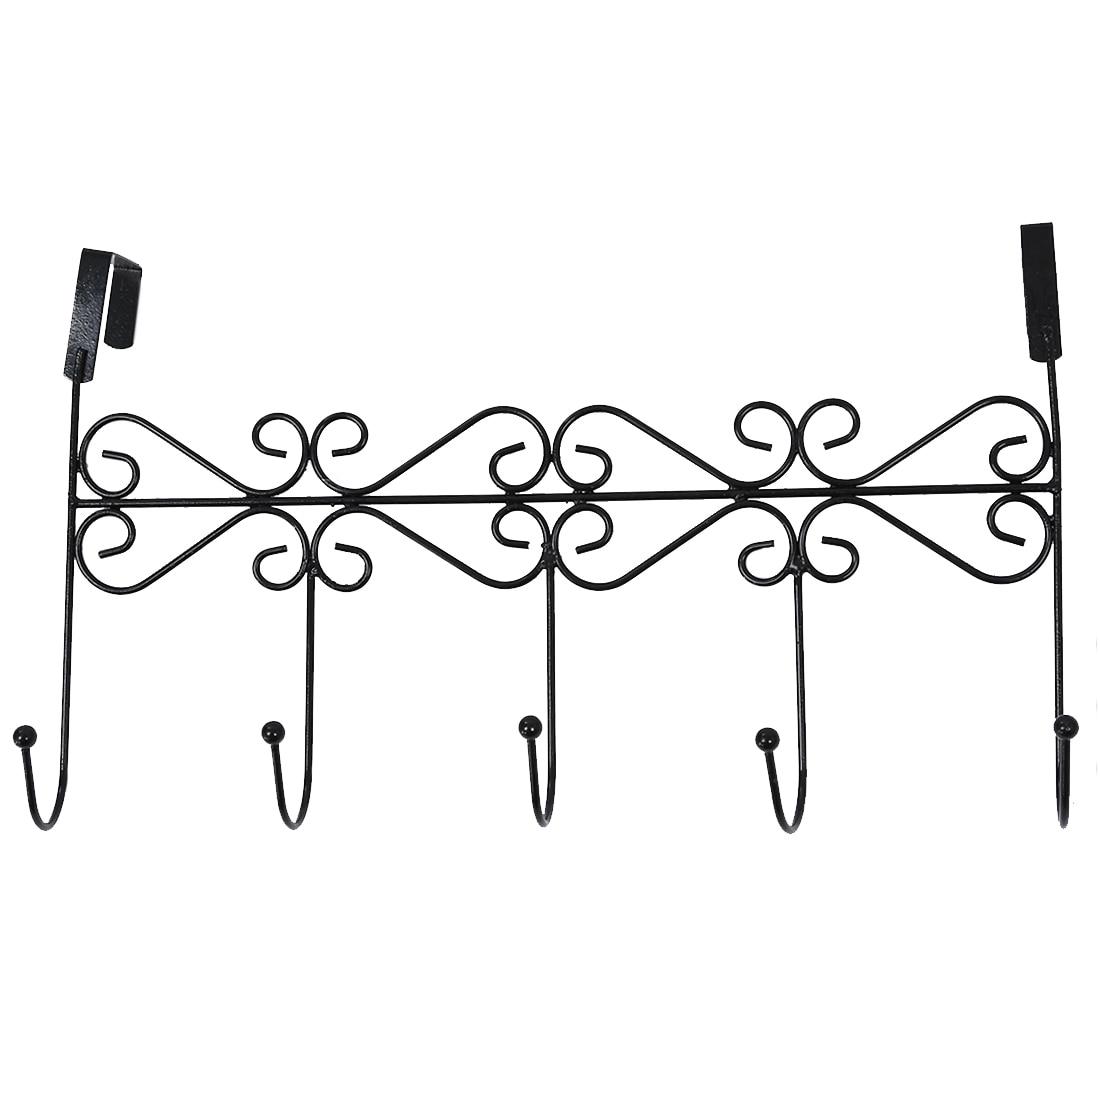 Practical 5 Hanger Black Towel Hat Coat Clothes Wall Hook Over Door Bathroom